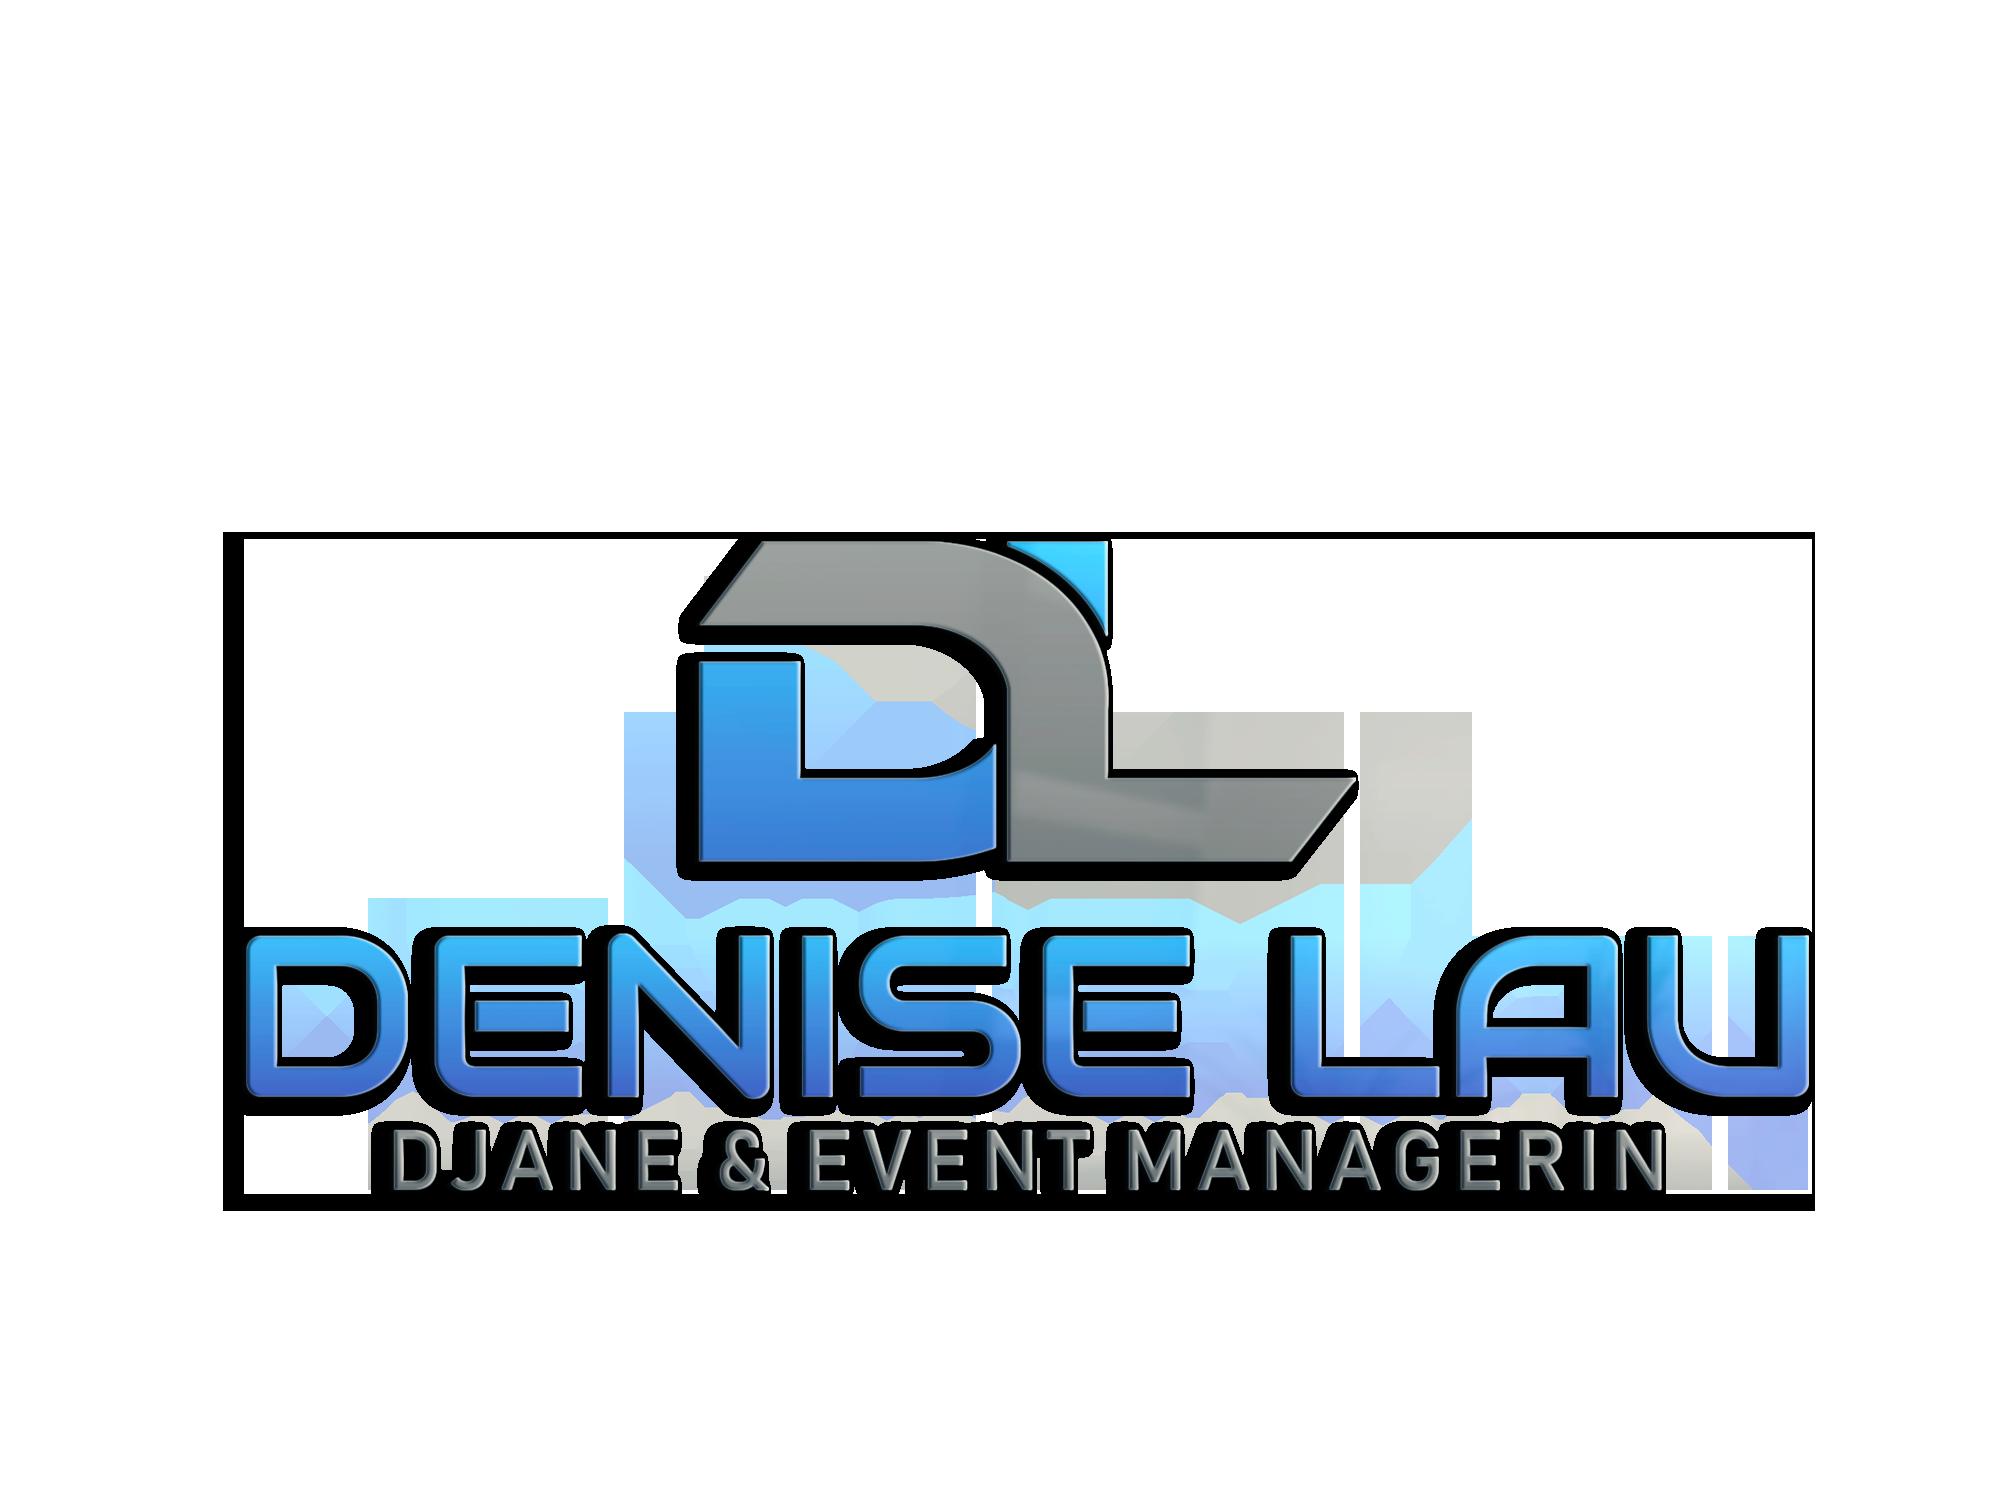 DJane Denise Logo